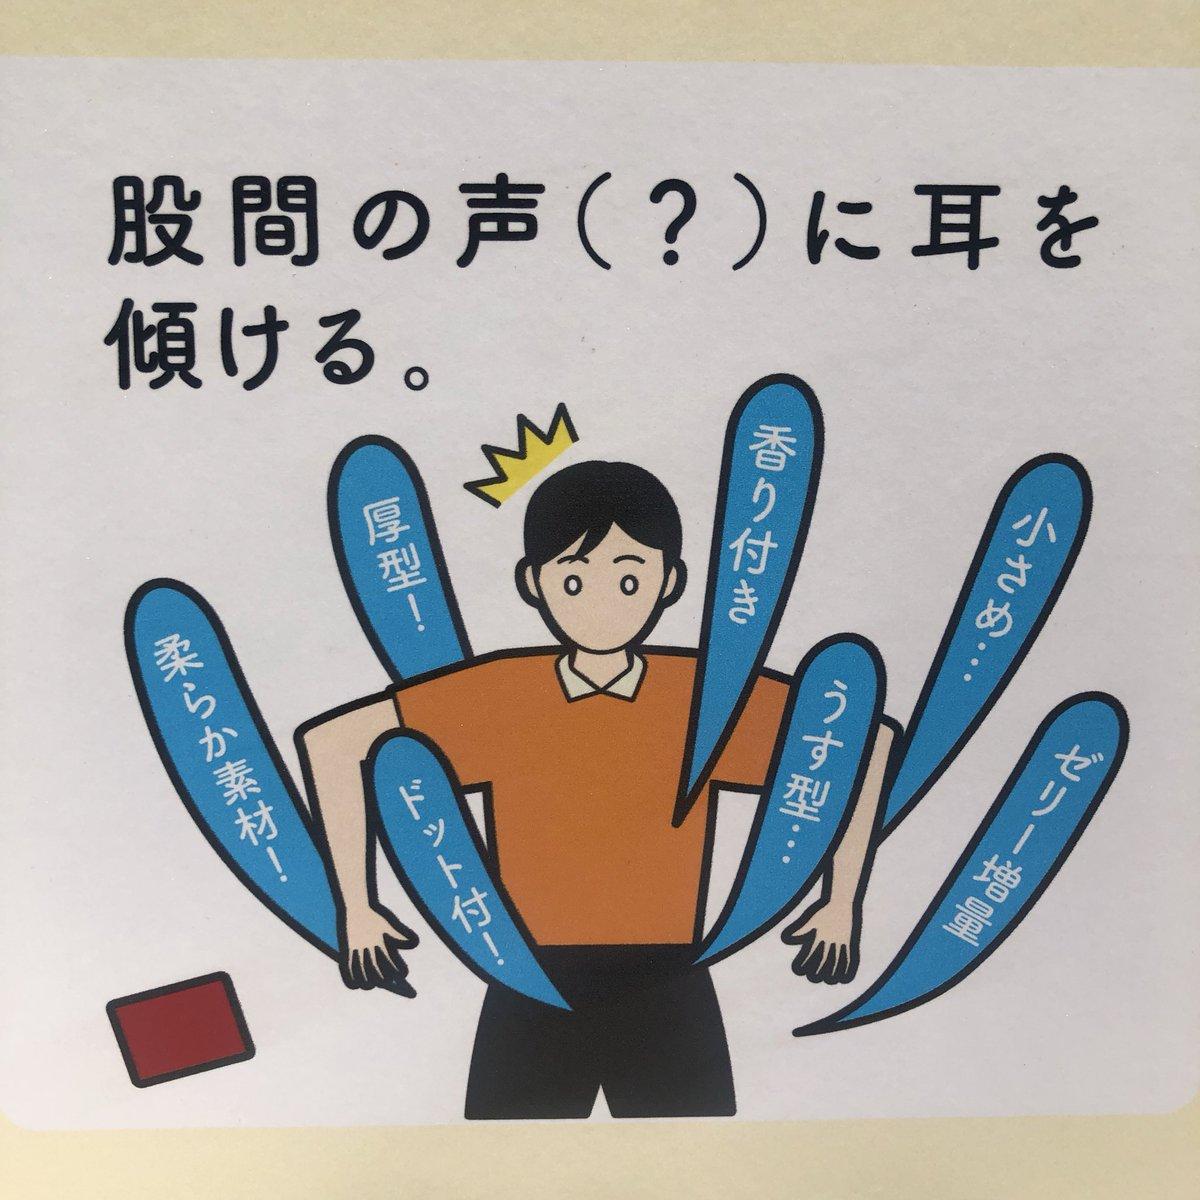 コンドーム 付け方 包茎 仮性包茎の人がコンドームを着用する際の注意点とコツ